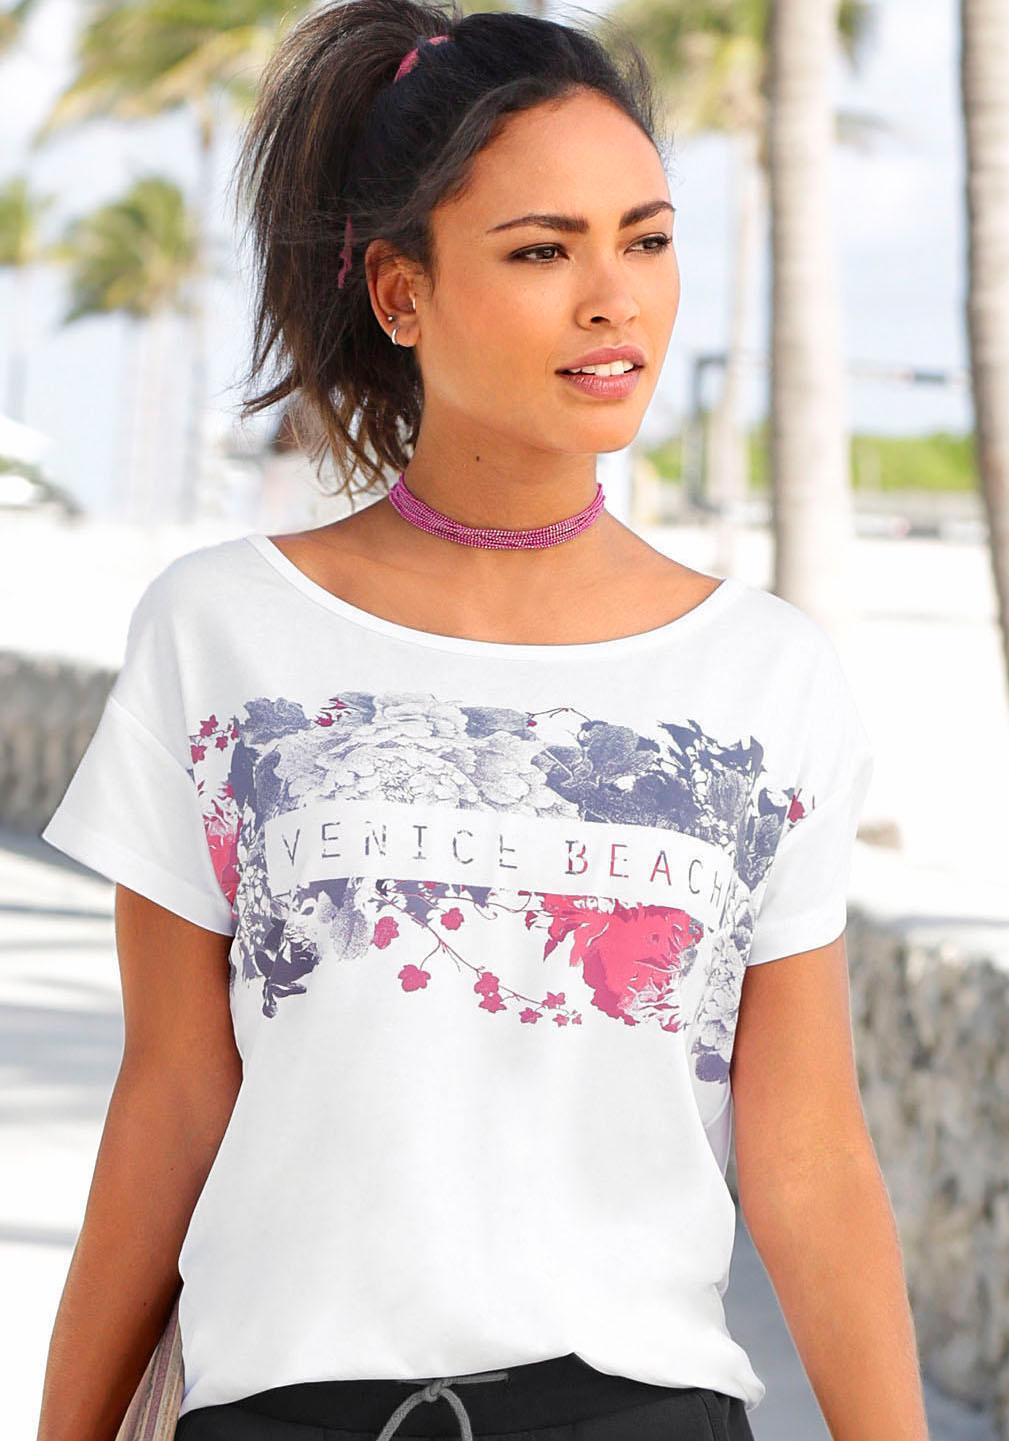 Venice Beach Shirt mit Frontprint